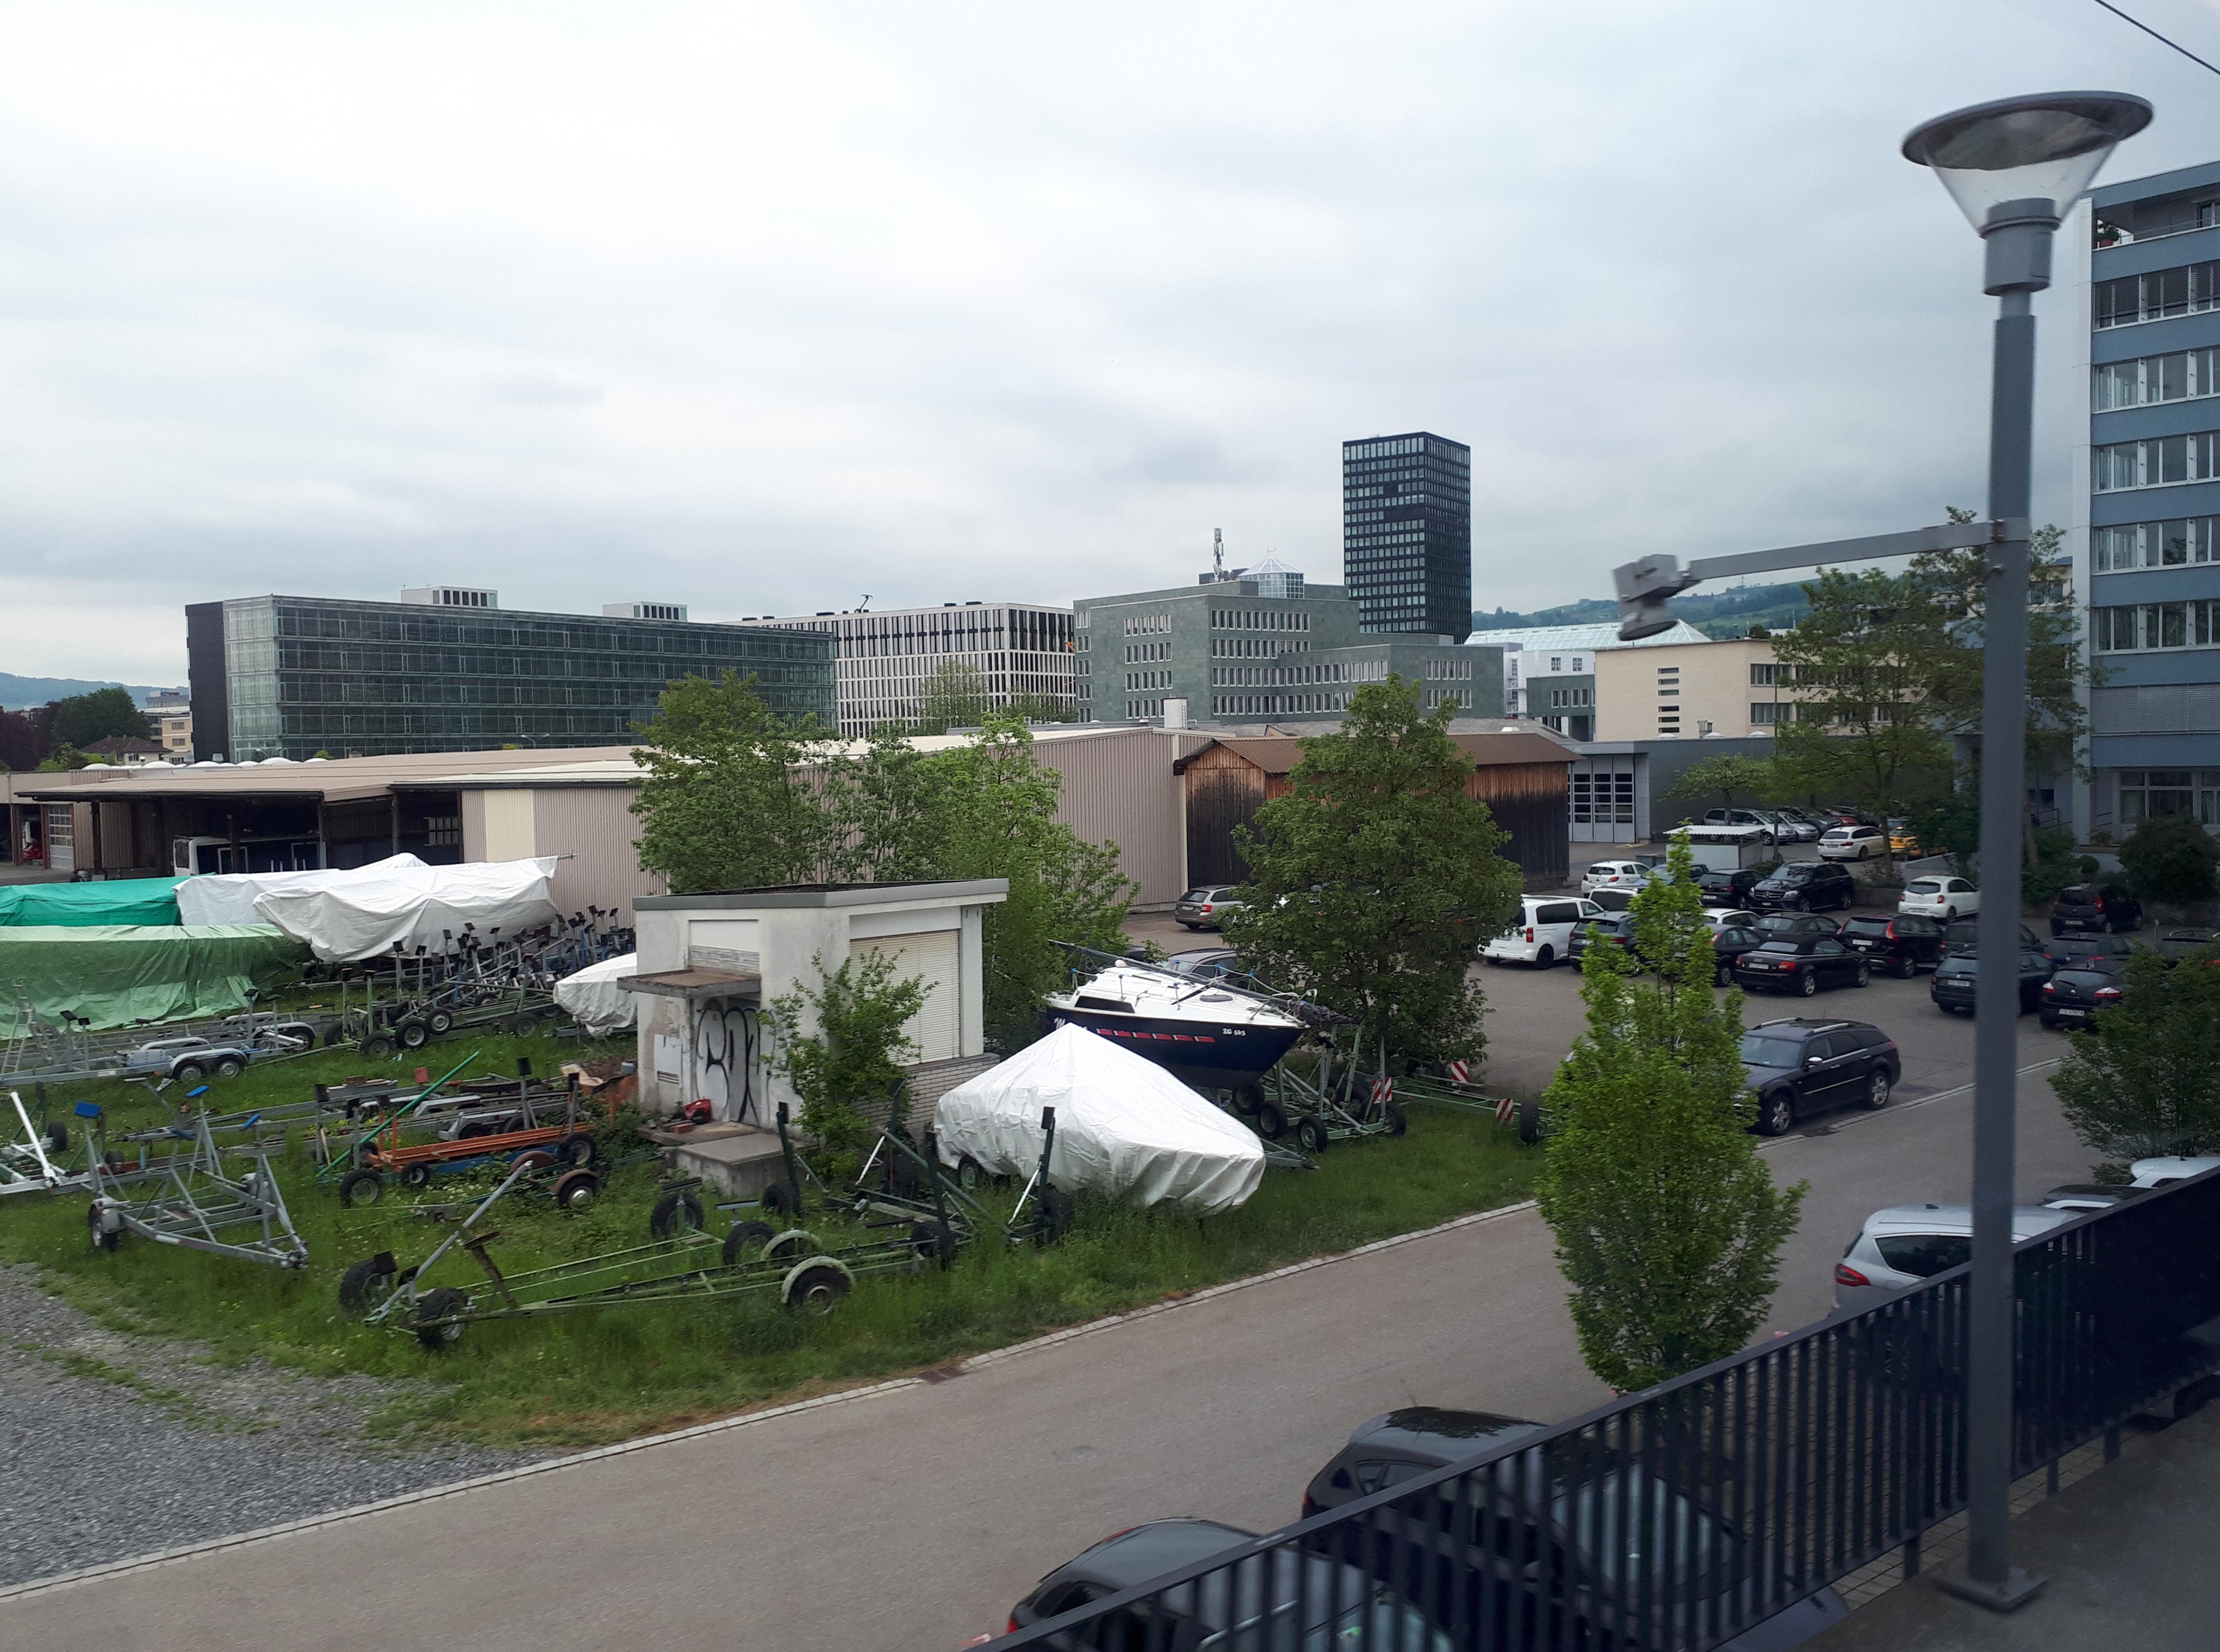 Areal des neuen Busdepots: Eine grosse Fläche im zentralen Bereich der Stadt Zug.